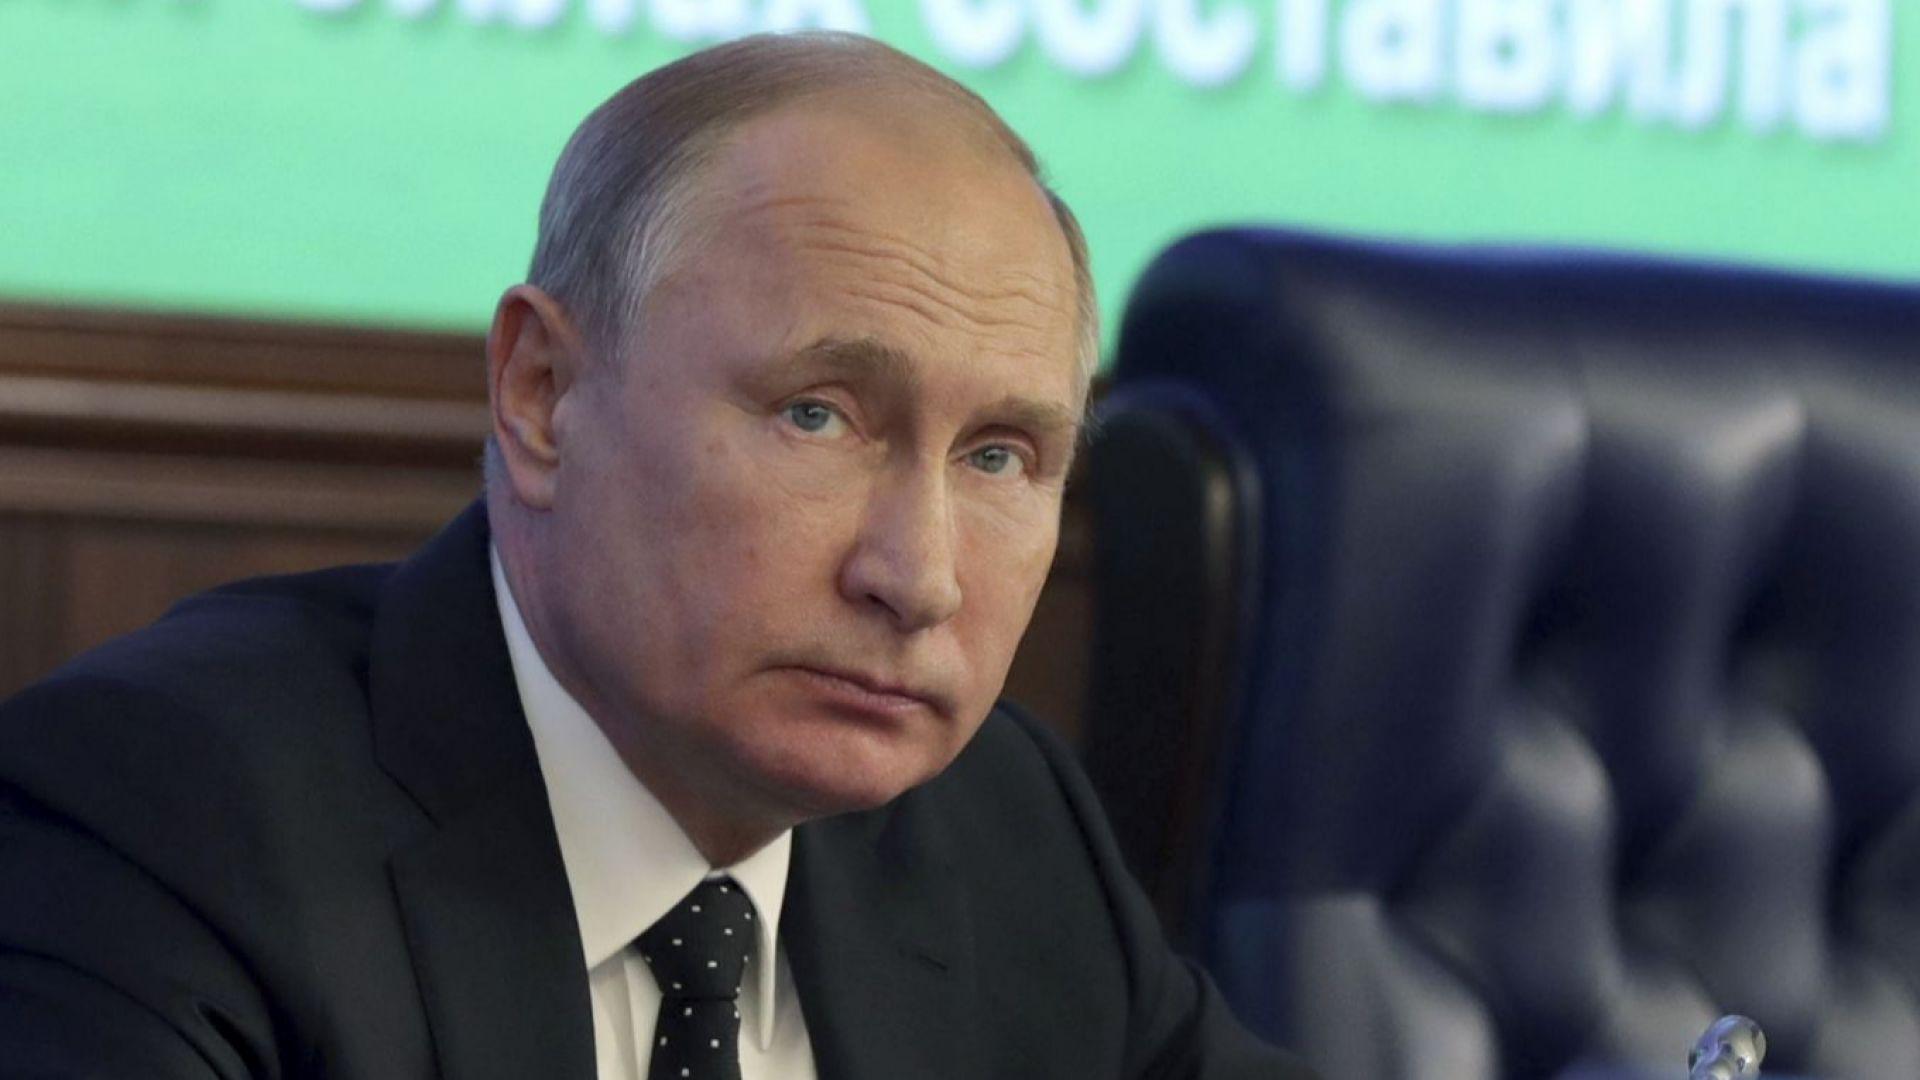 70 000 посрещат Путин в Белград